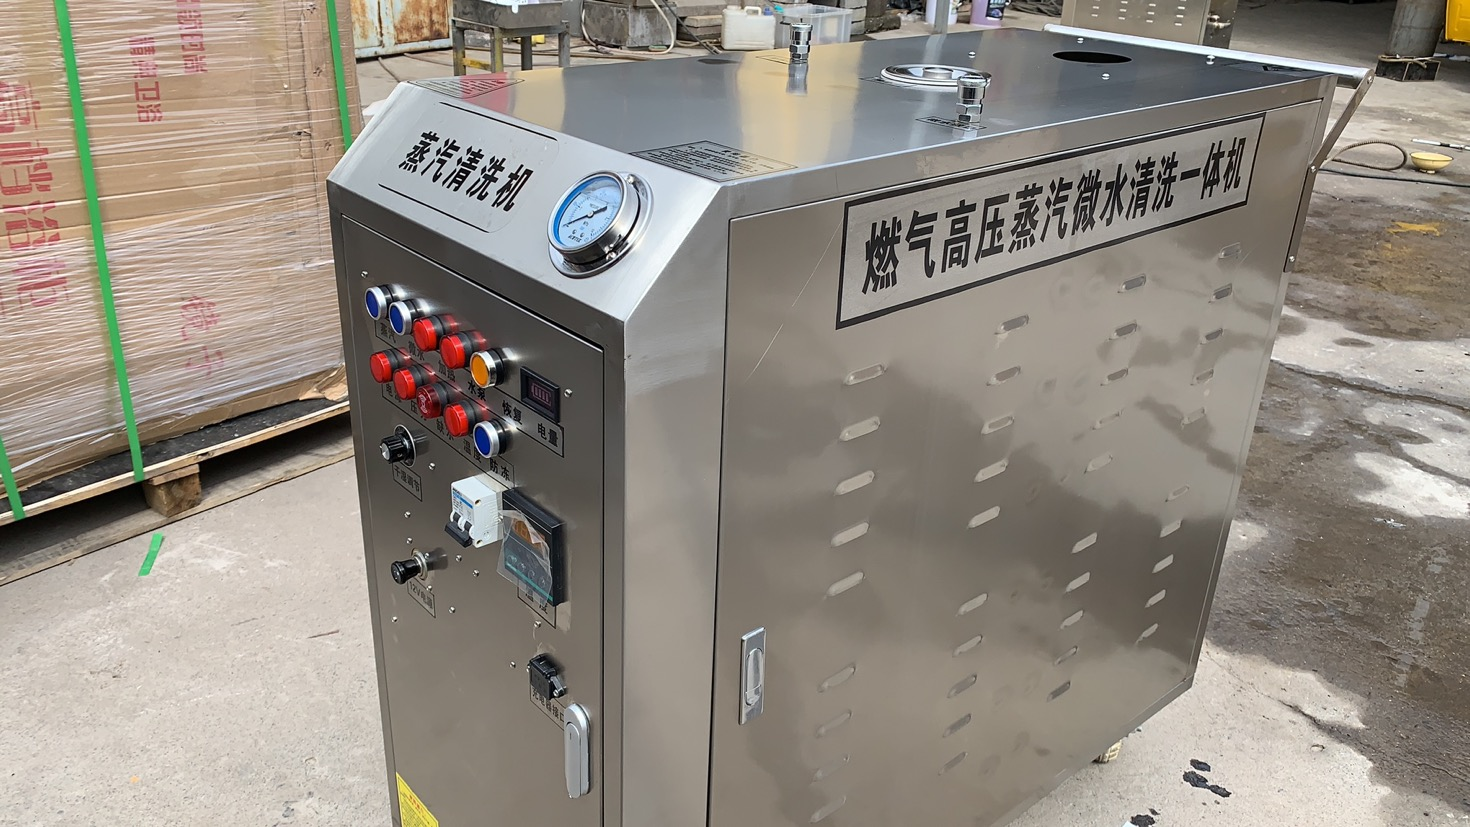 沐鸣2平台资讯蒸汽洗车机三大功能都是什么?